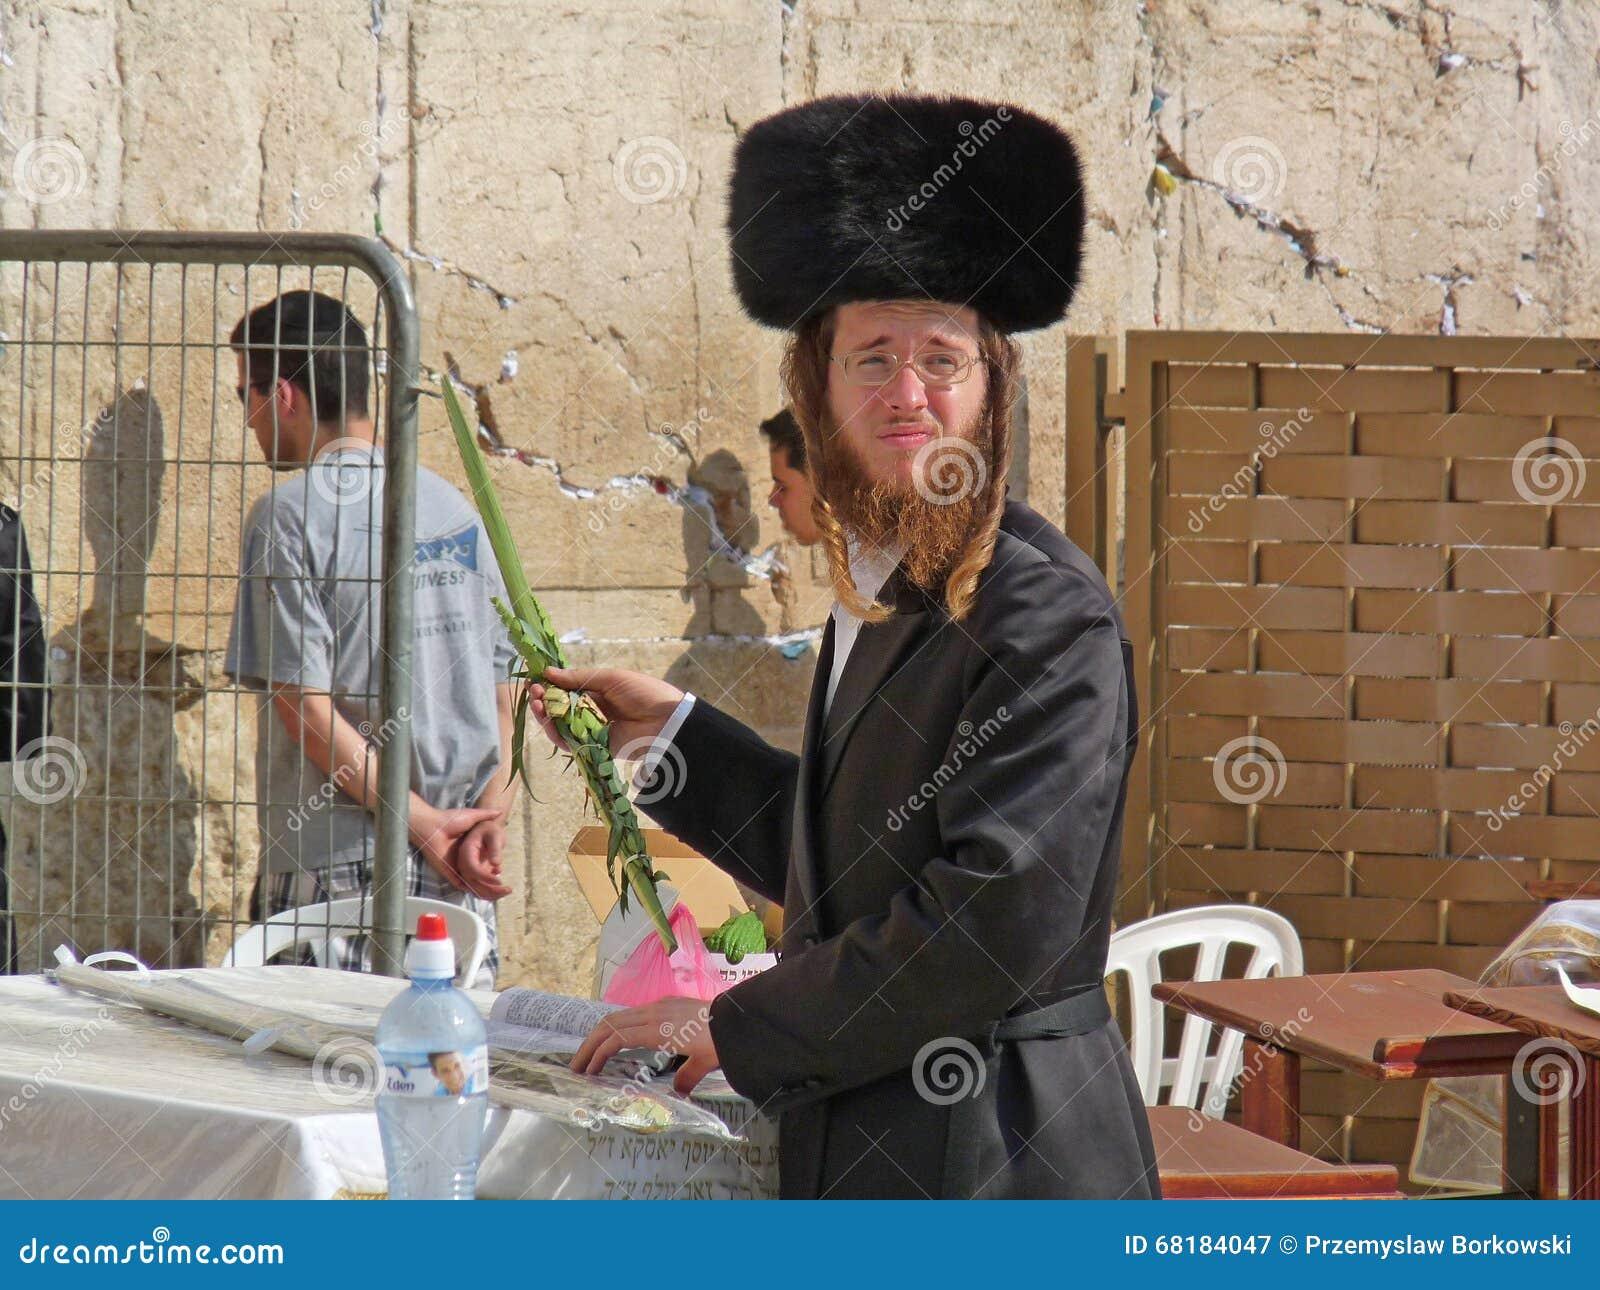 Orthodoxer Jude